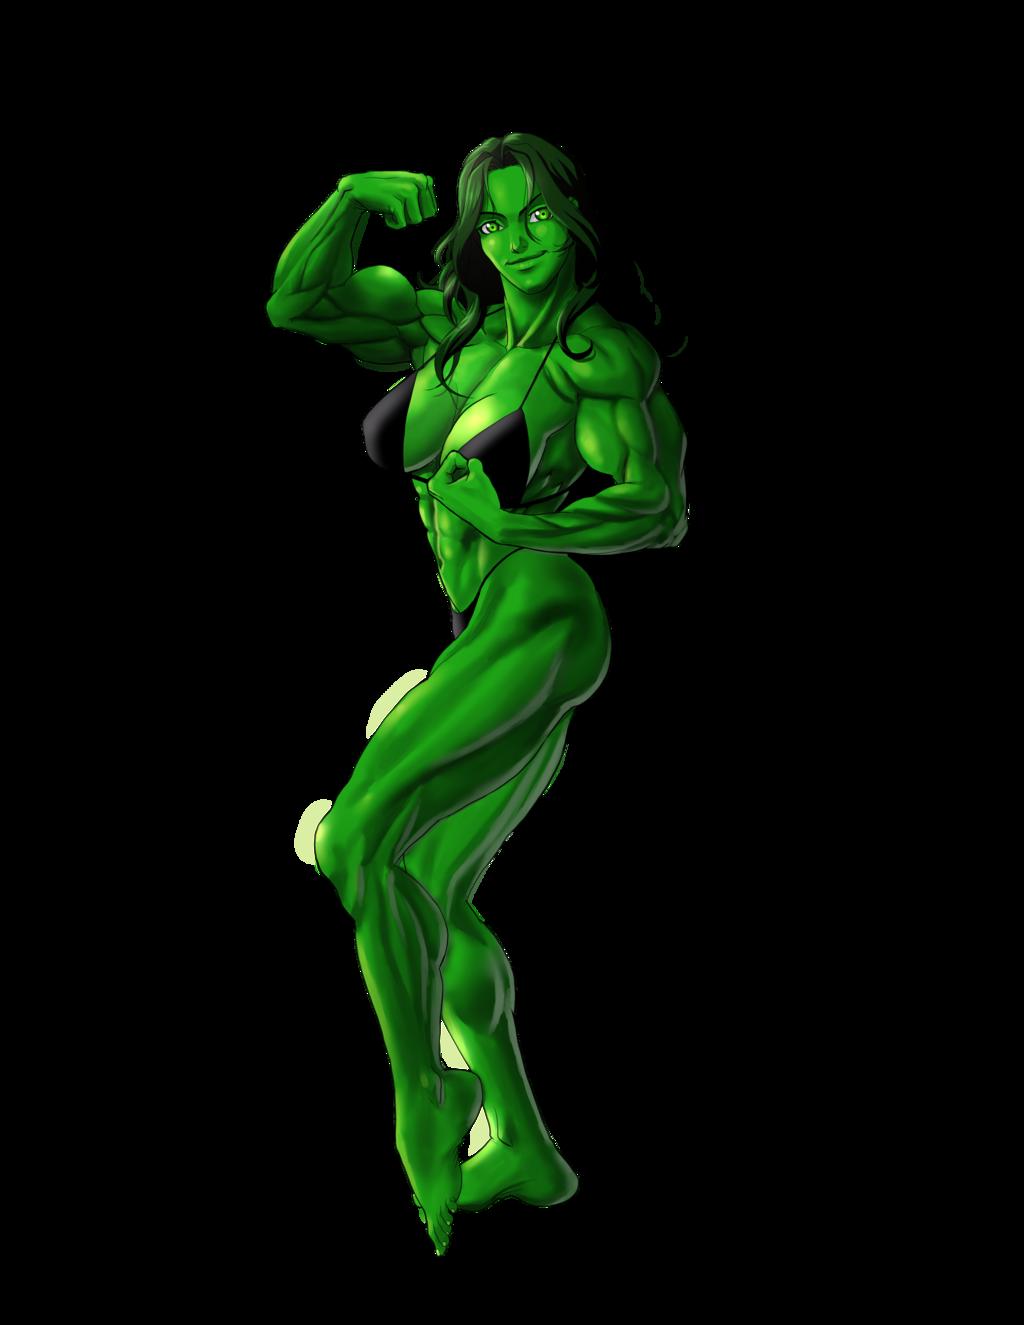 She Hulk PNG - 27686